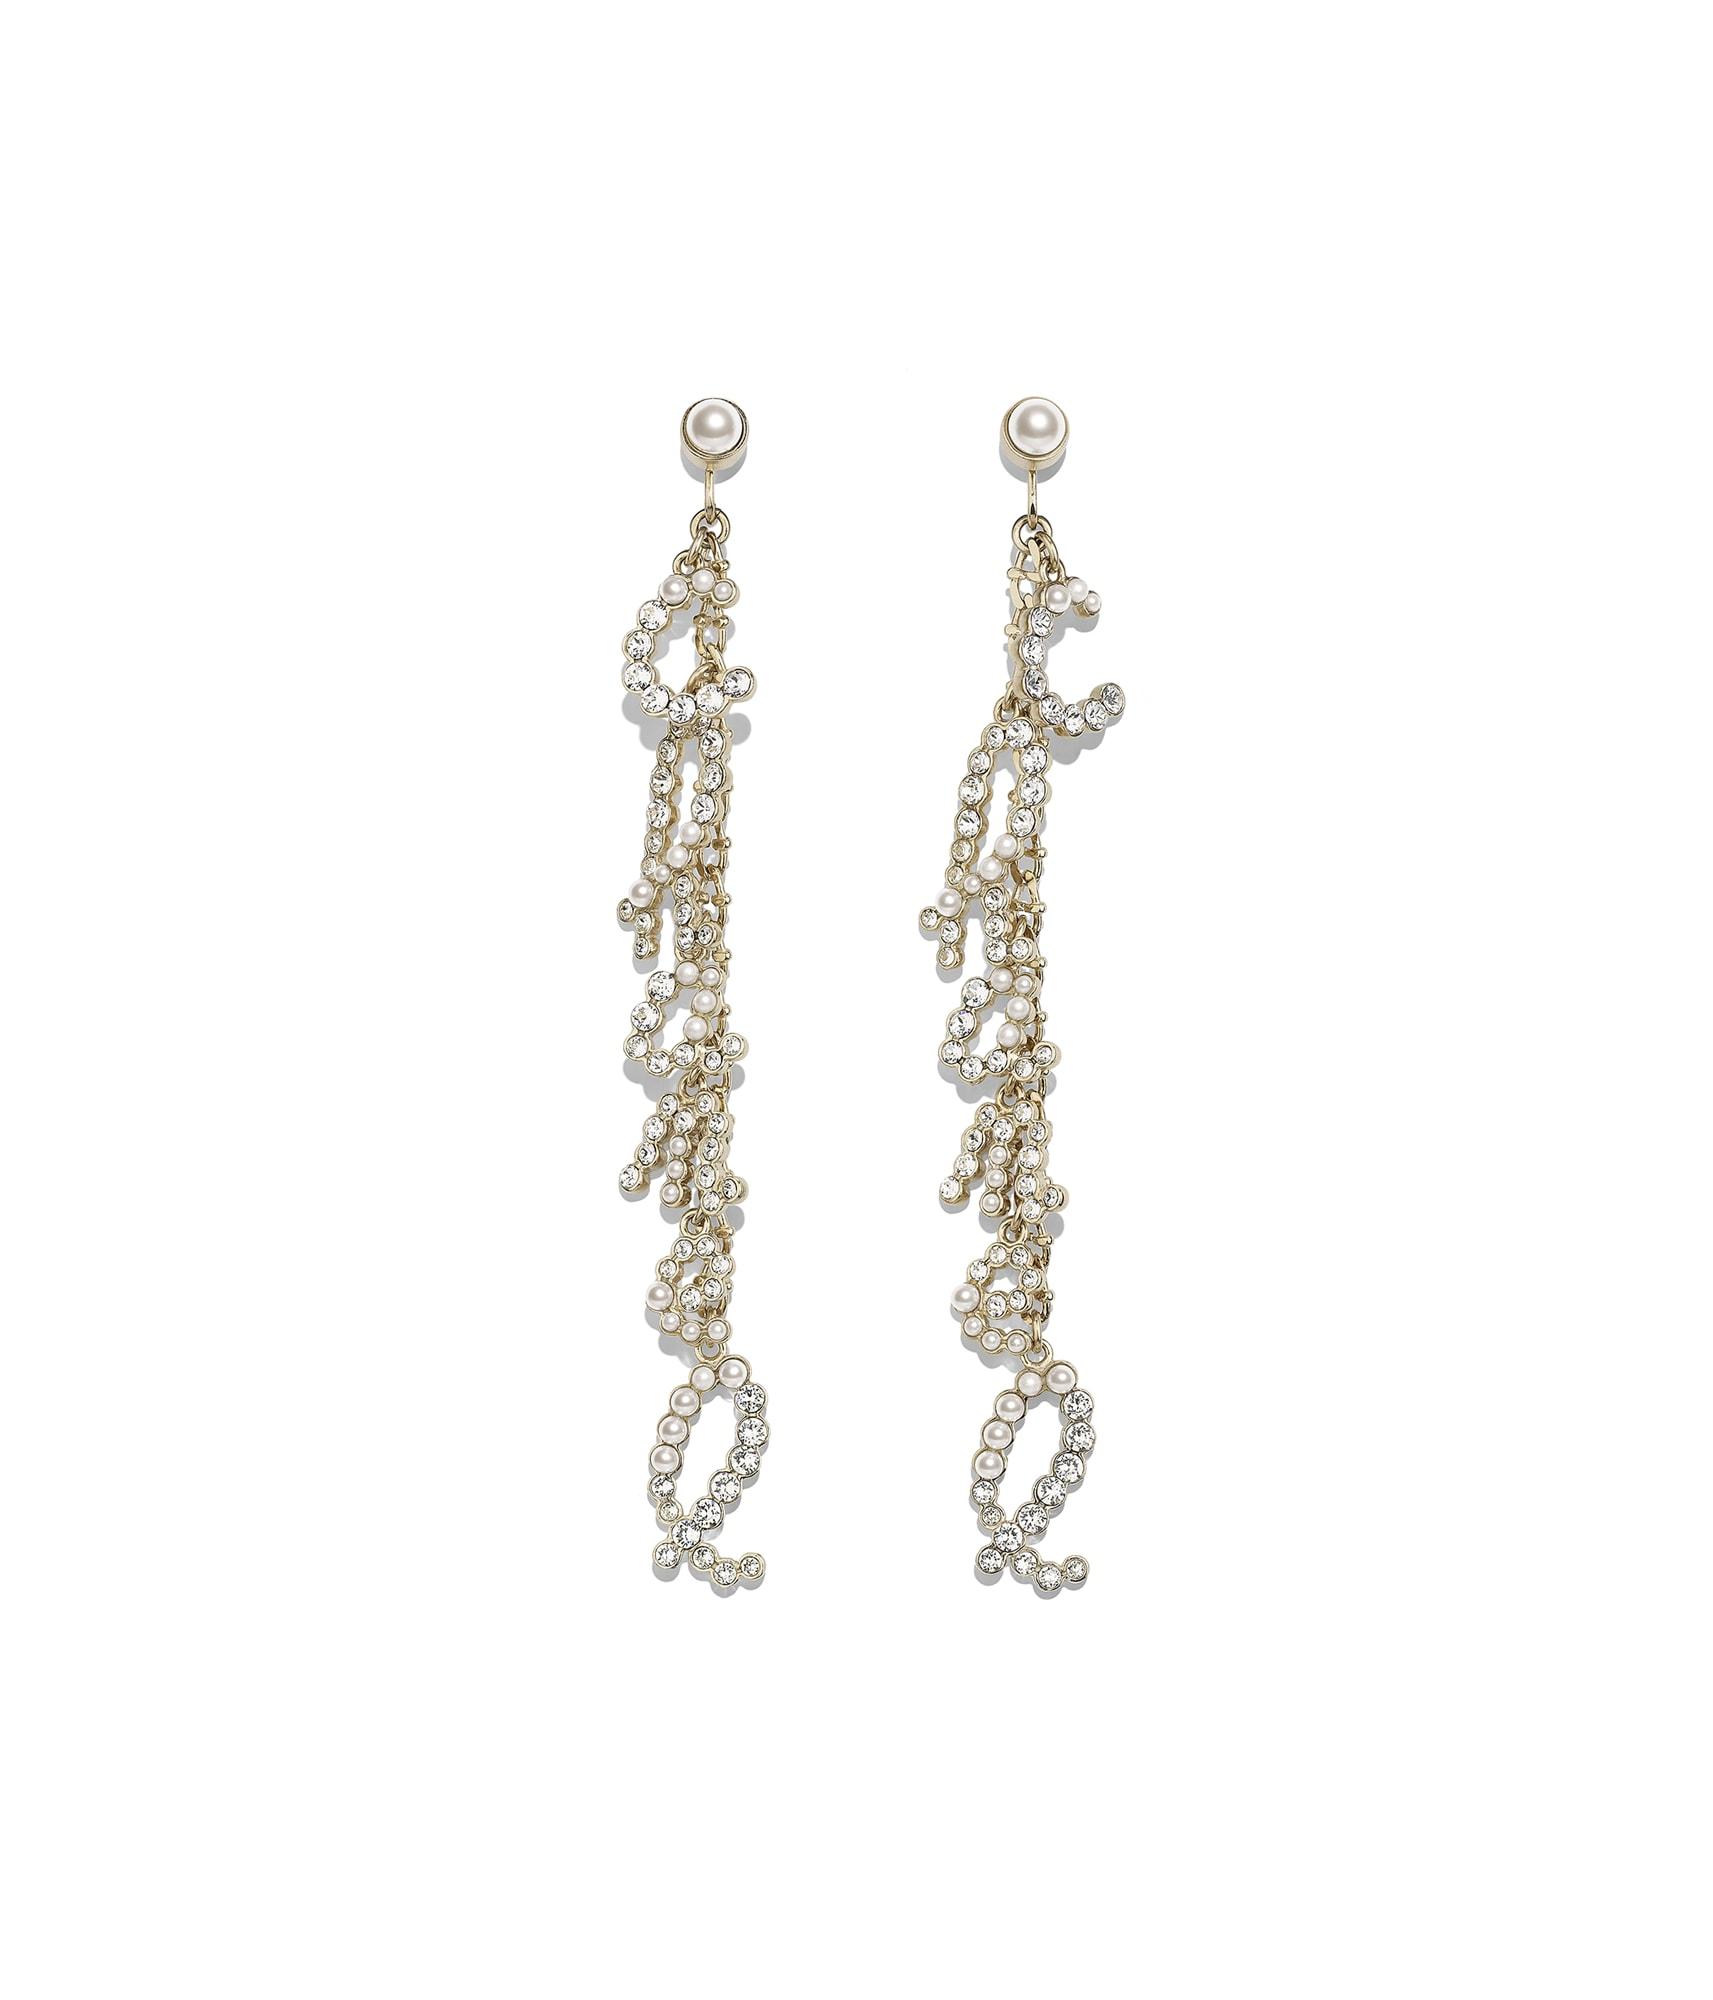 vestibilità classica intera collezione preordinare Orecchini - Bijoux - CHANEL